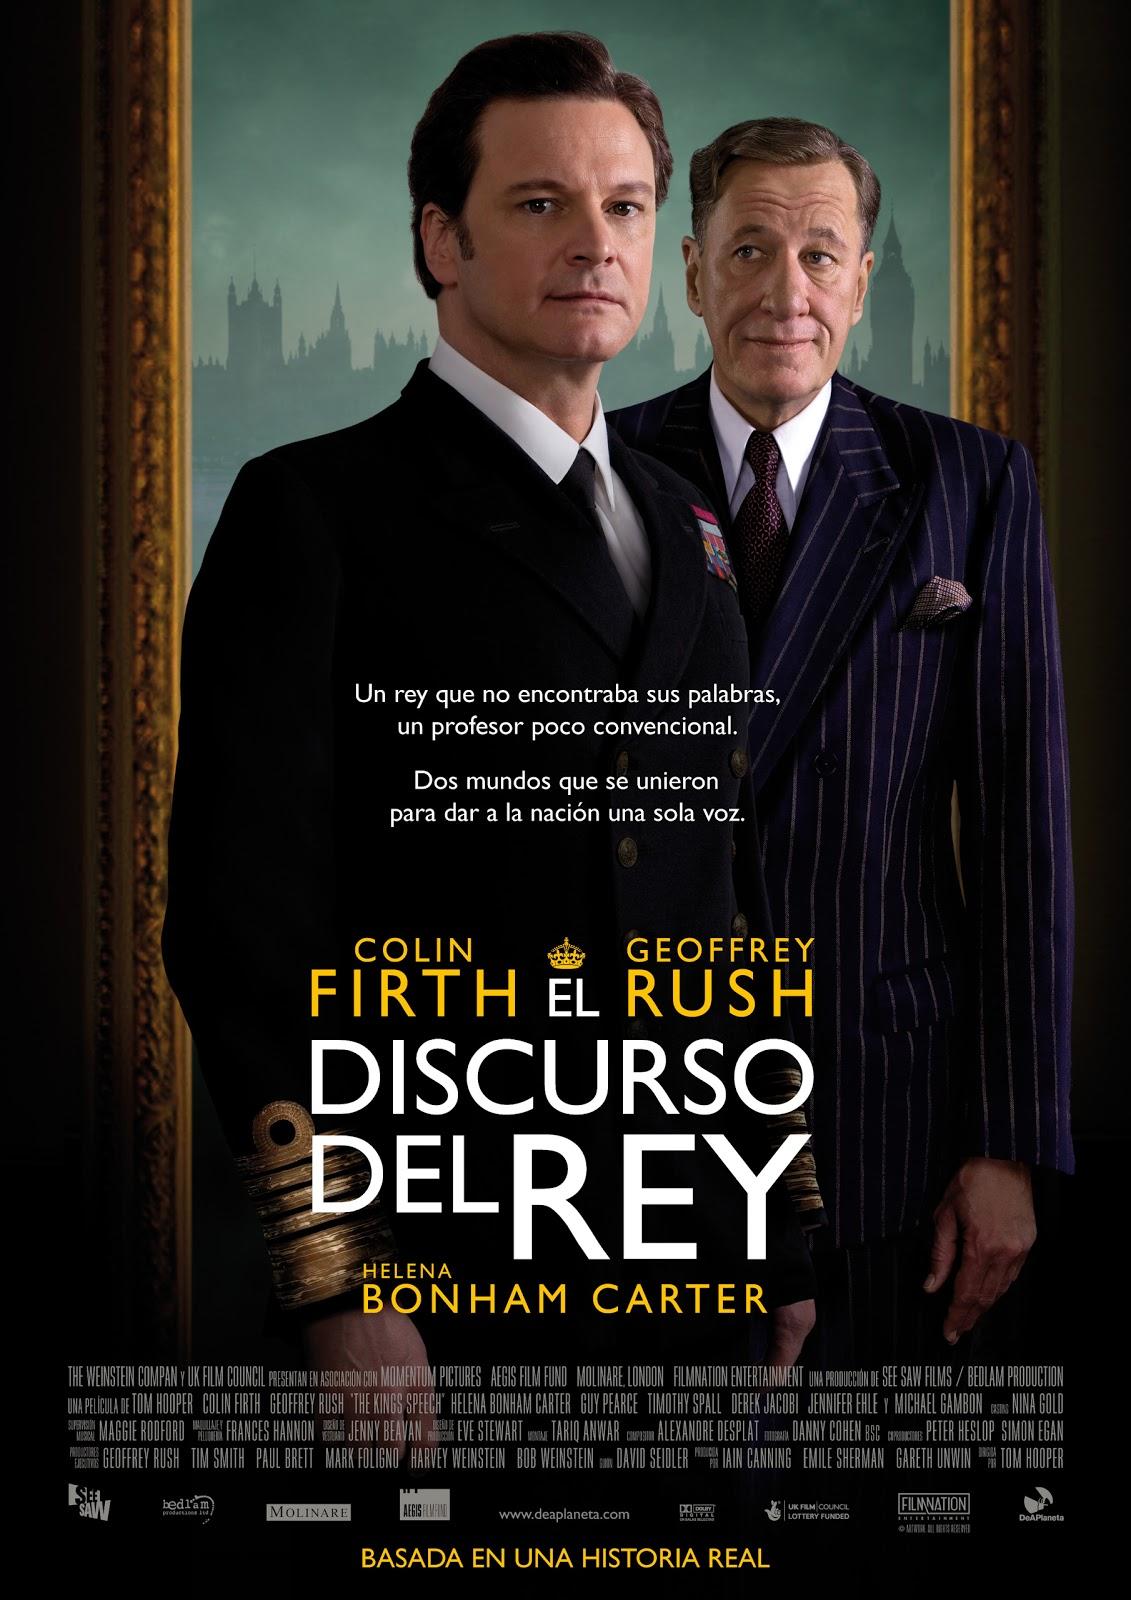 http://2.bp.blogspot.com/_gyK1dc6Twcs/TSYqu3nVjYI/AAAAAAAABJw/1IjJfu50VIU/s1600/El+discurso+del+rey.jpg